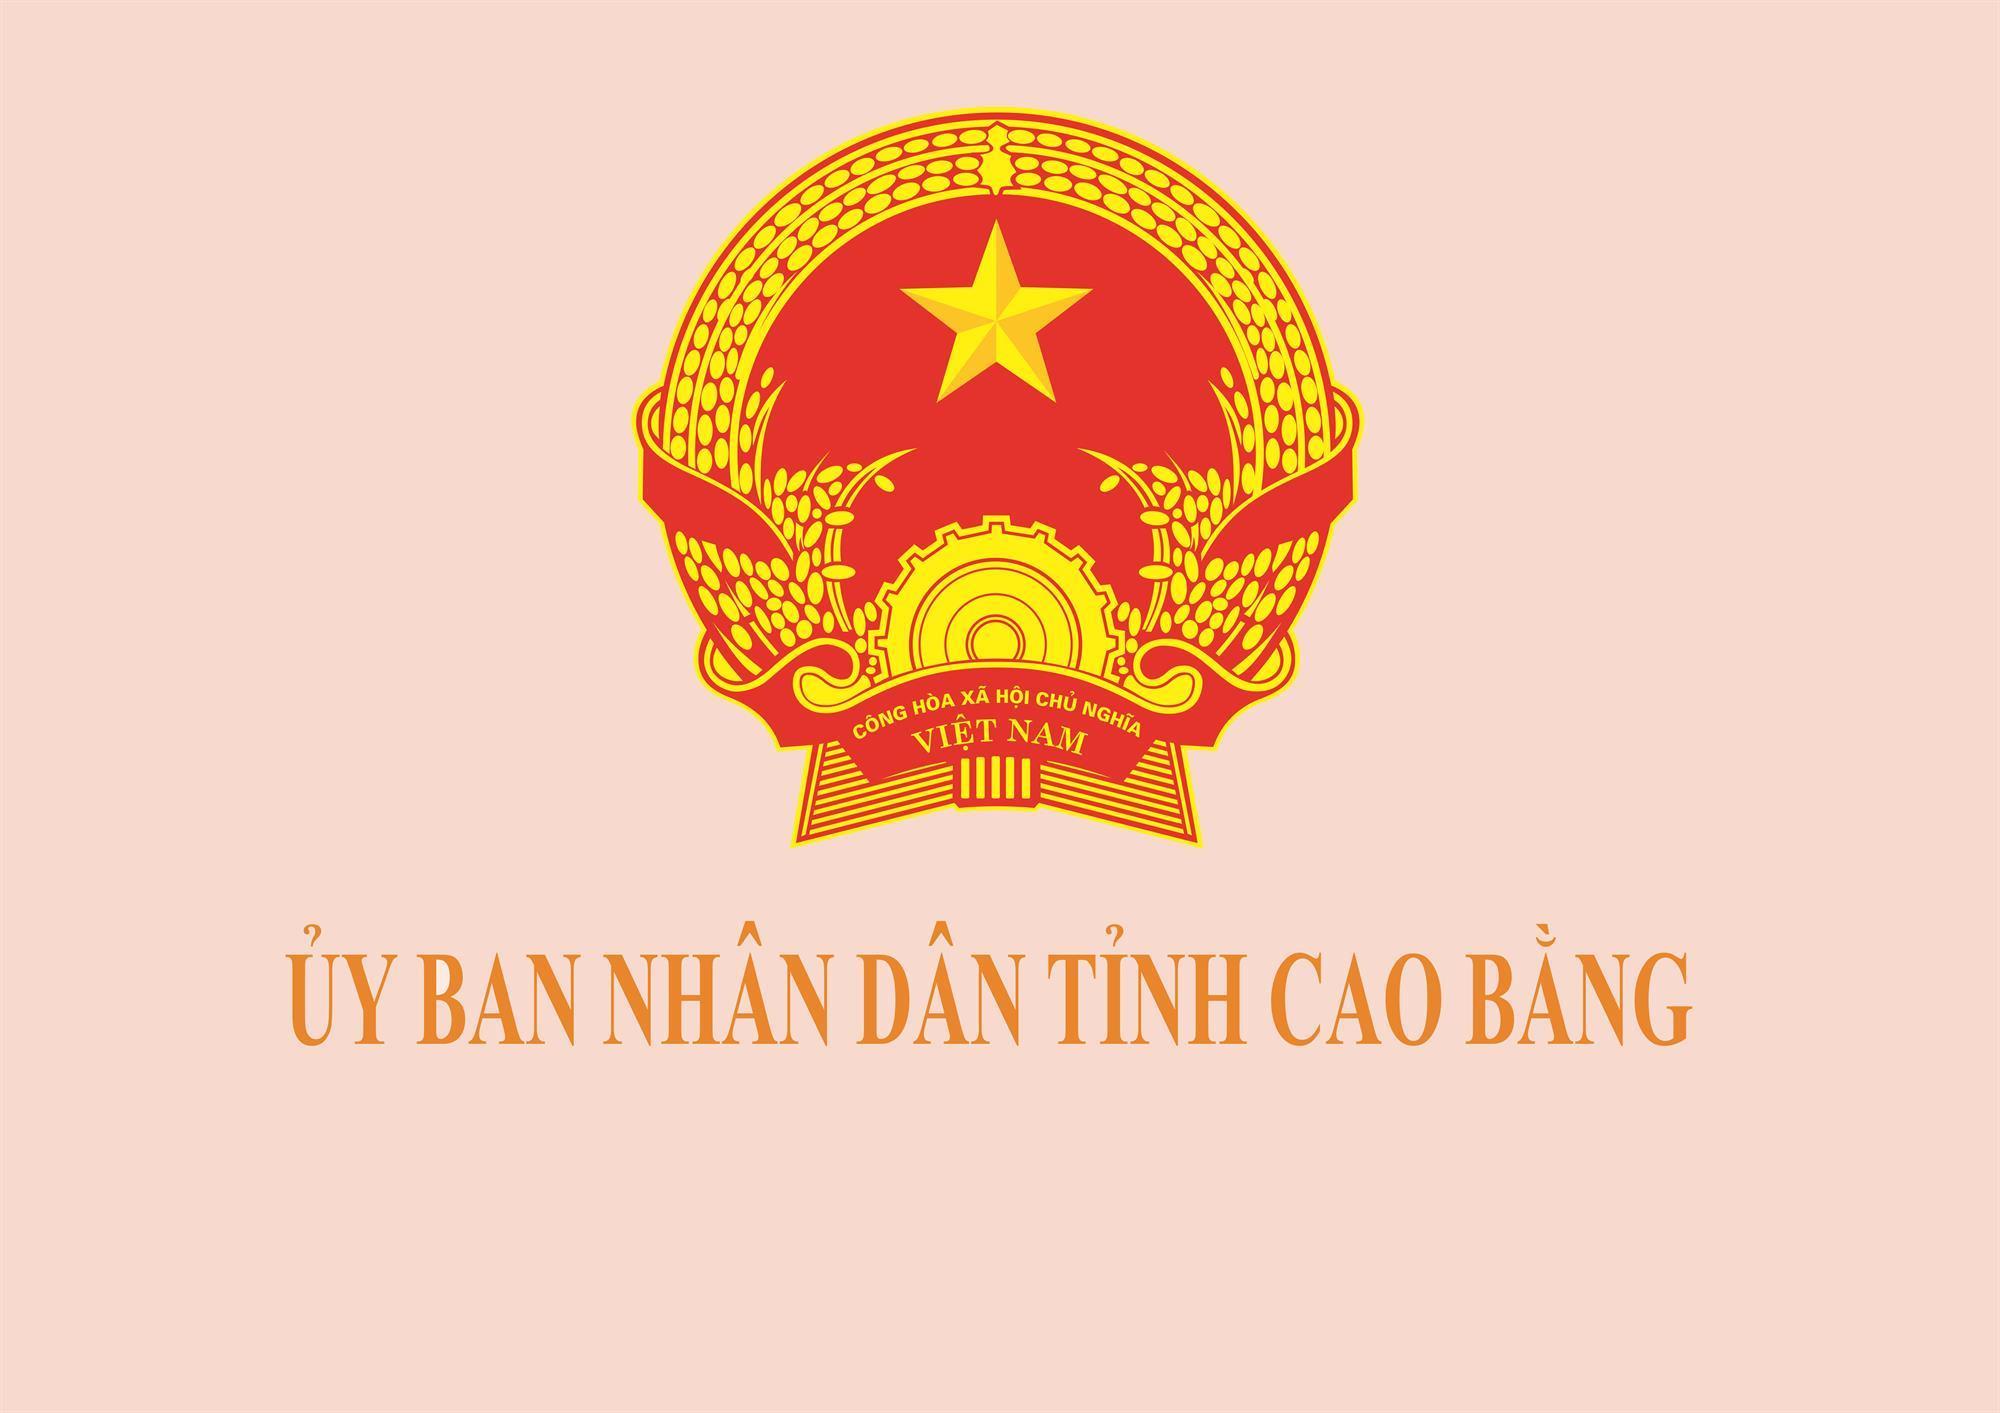 Chỉ thị của UBND tỉnh Cao Bằng